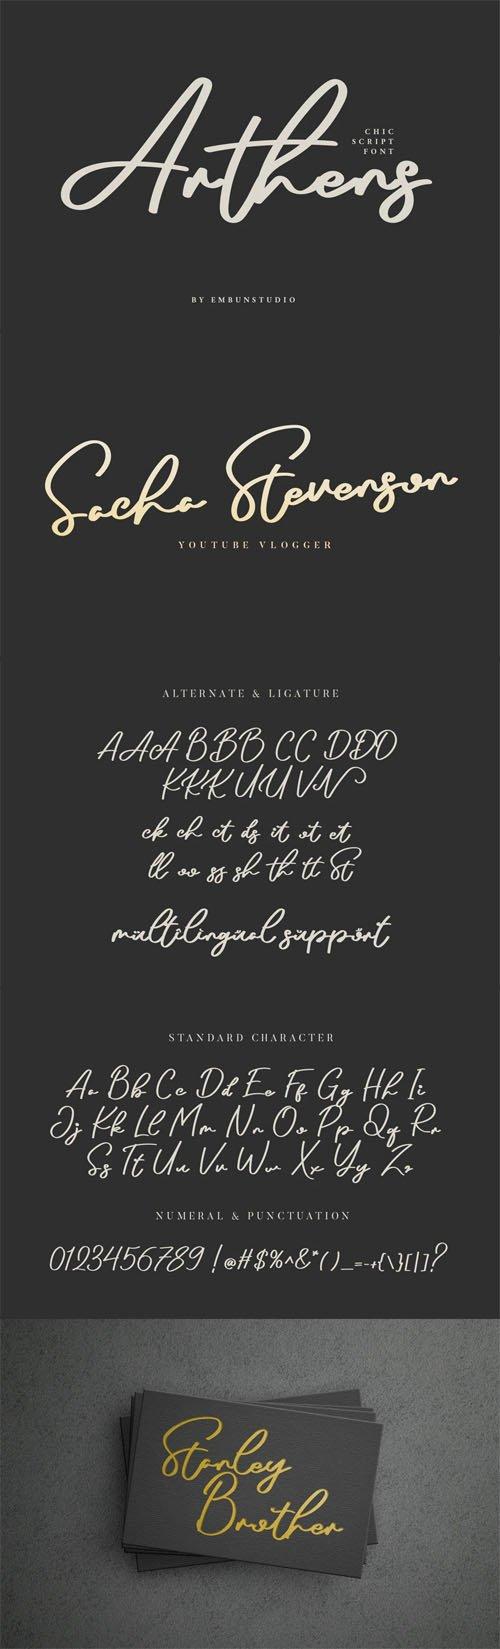 Arthens - Chic Script Font